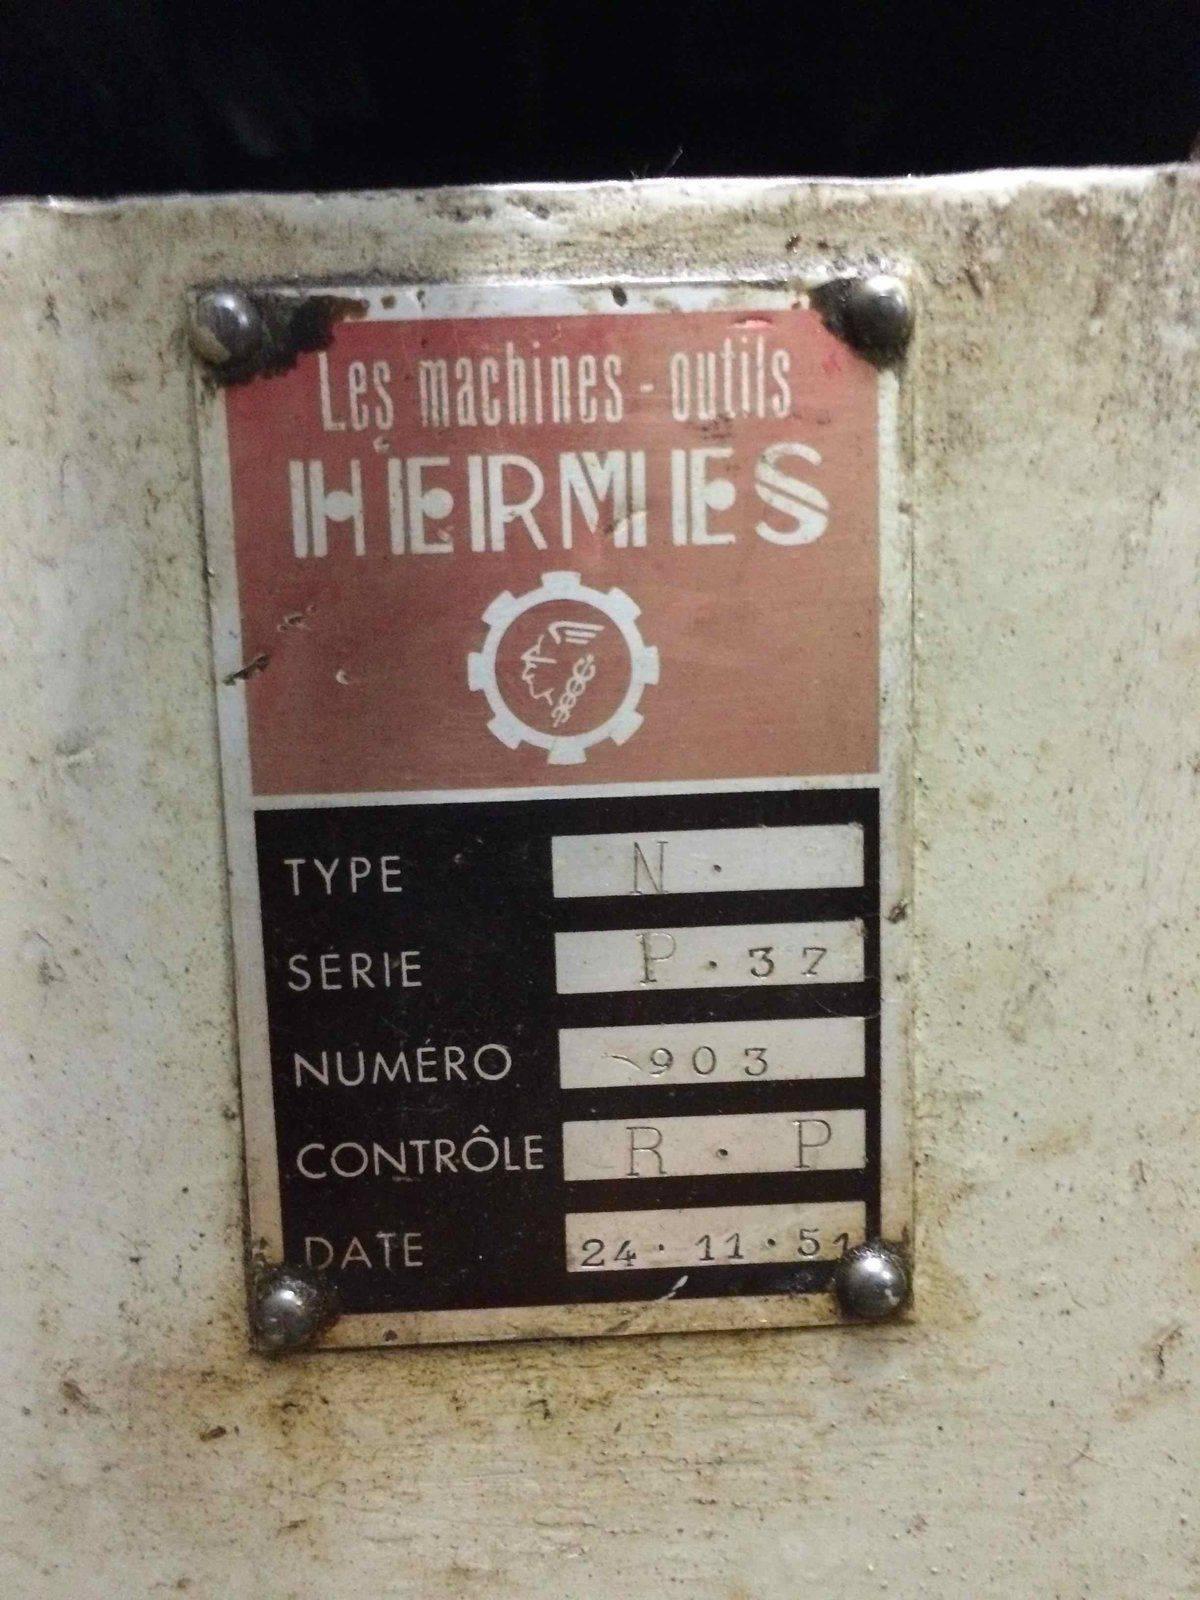 hermes6.jpg